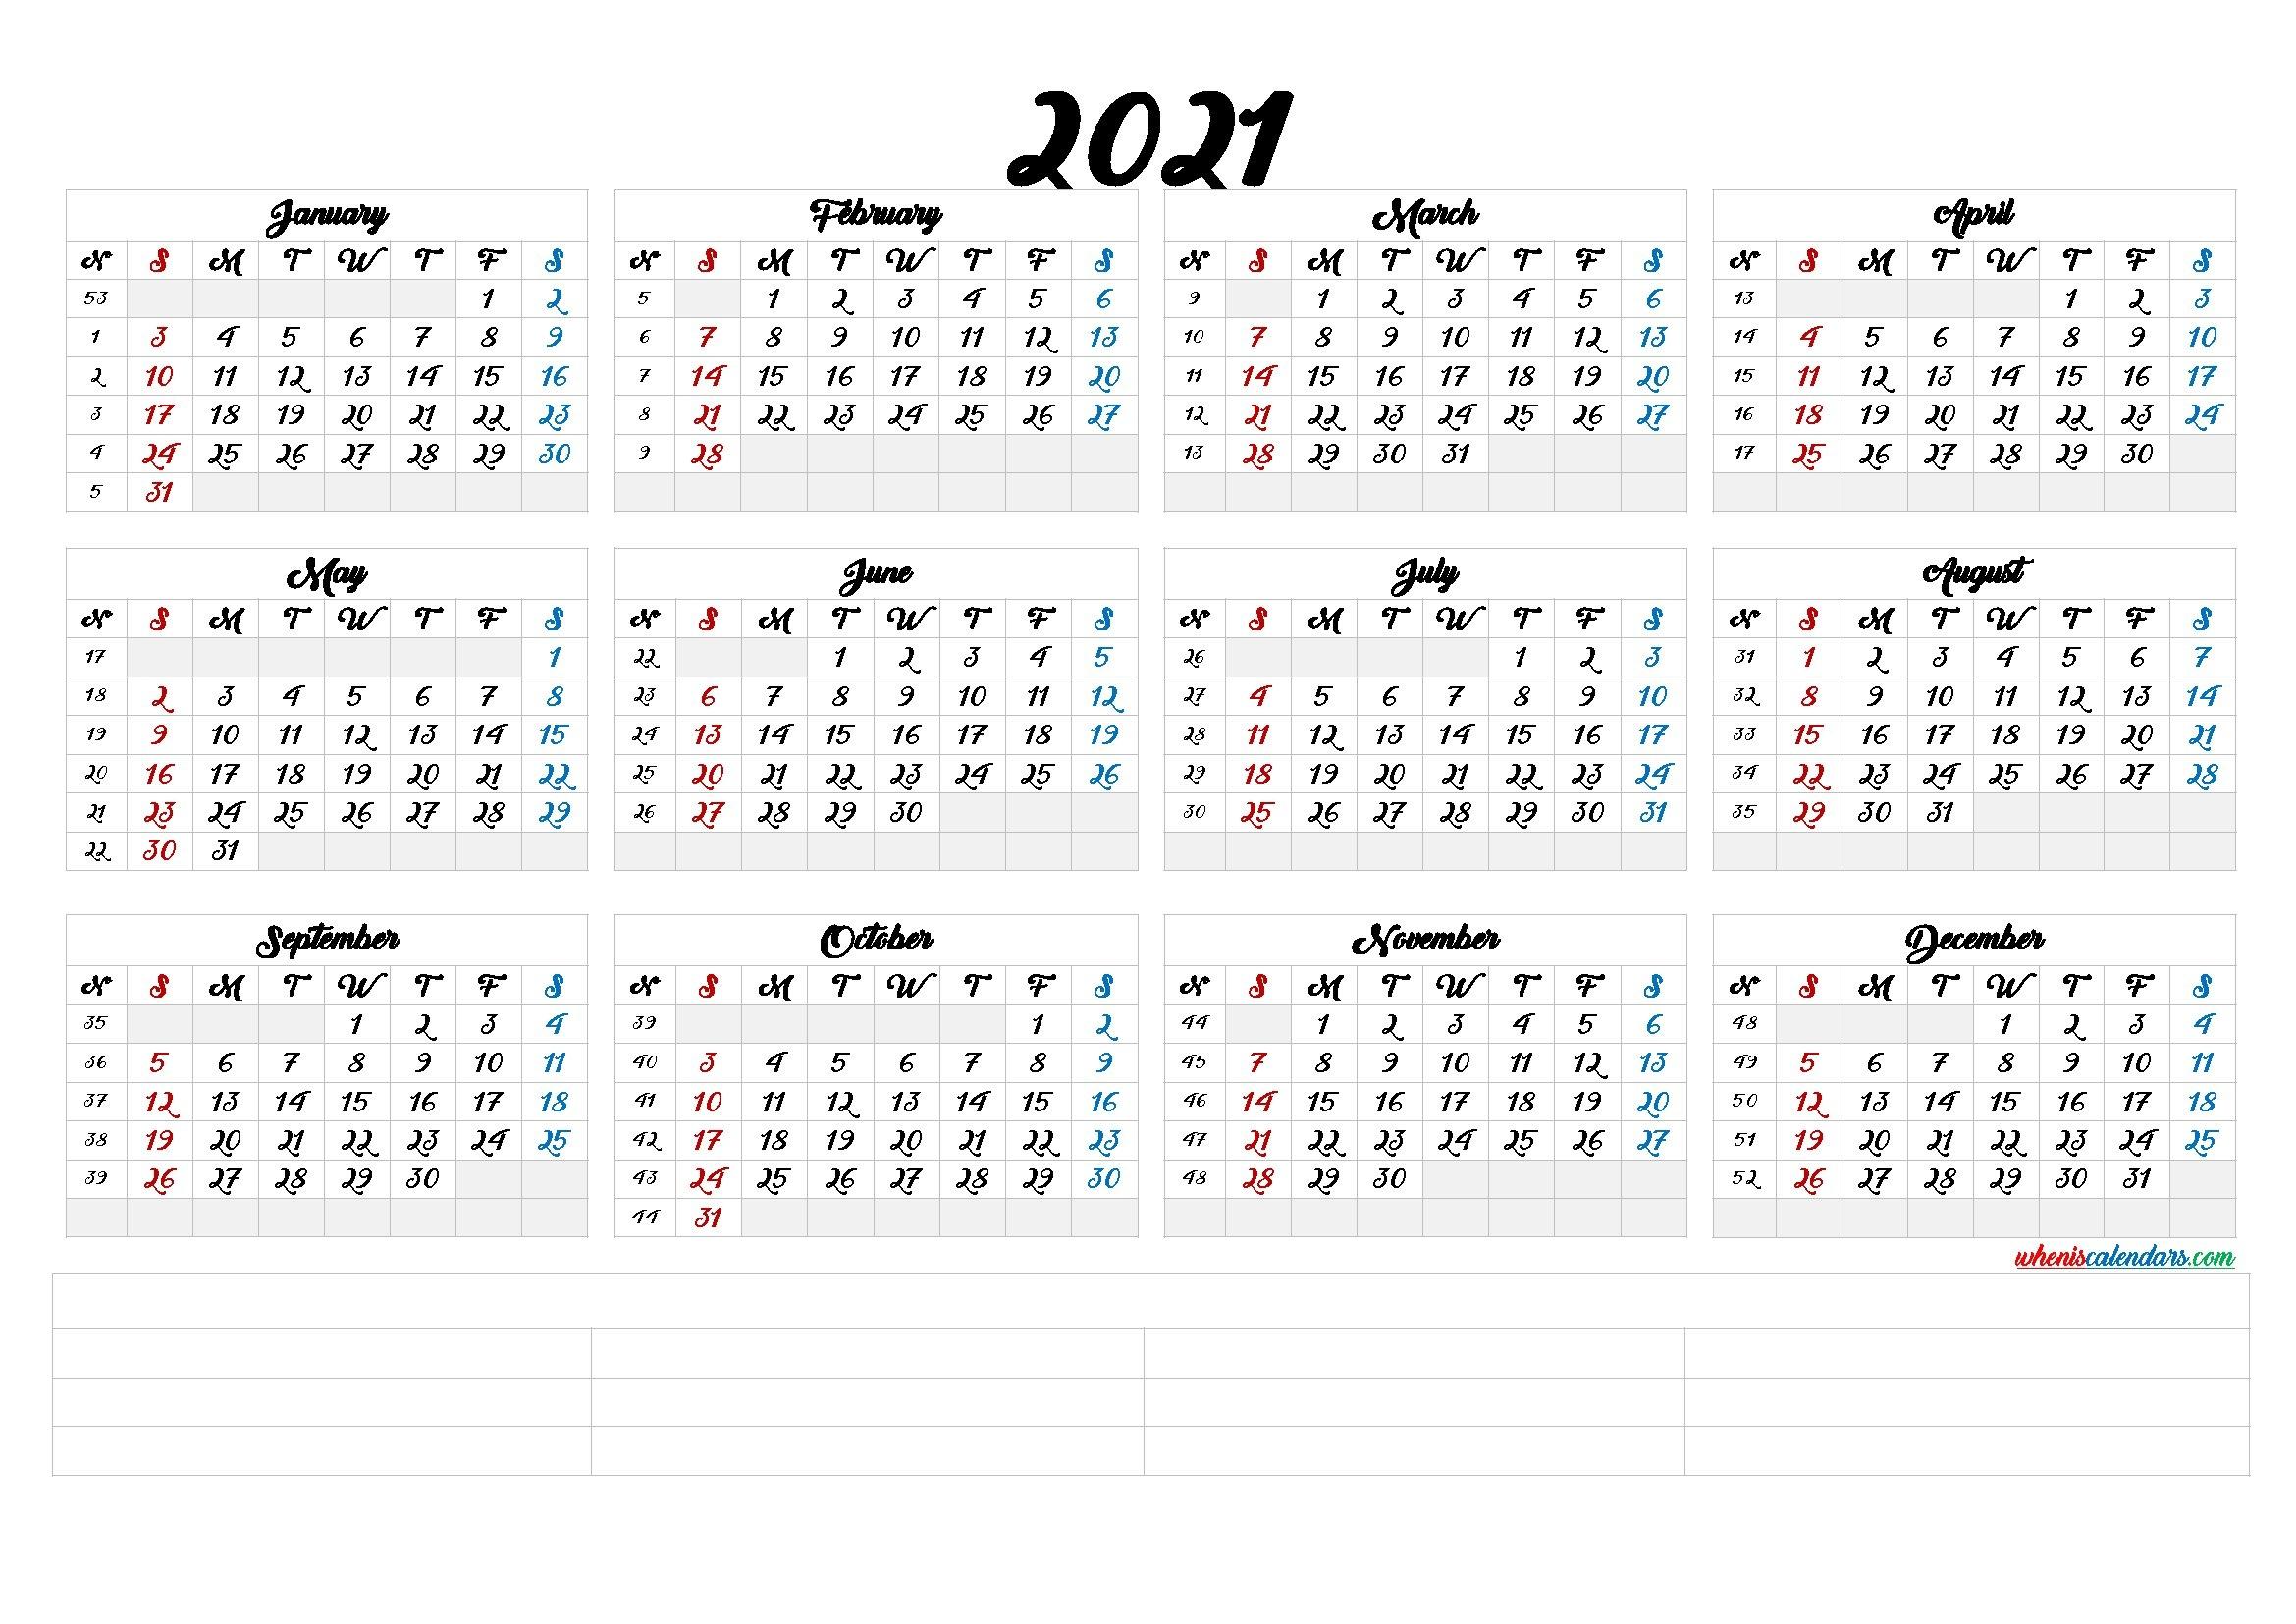 2021 Calendar With Week Number Printable Free : 2021 Yearly Business Calendar With Week Number with 2021 Yearly Calendar Template Printable